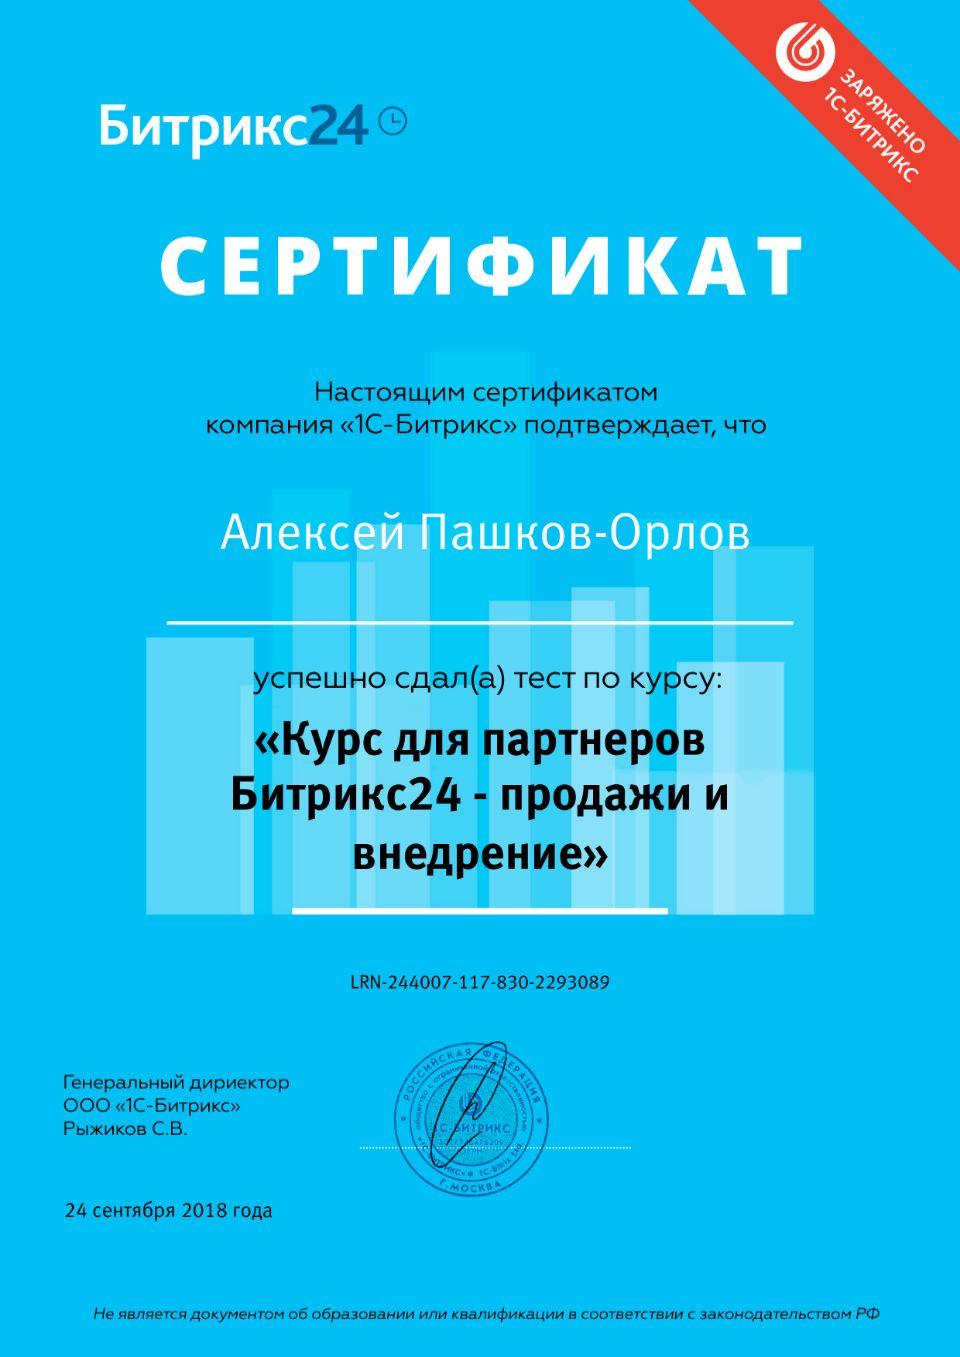 Сертификат курс для партнеров Битрикс24 Продажи и Внедрение